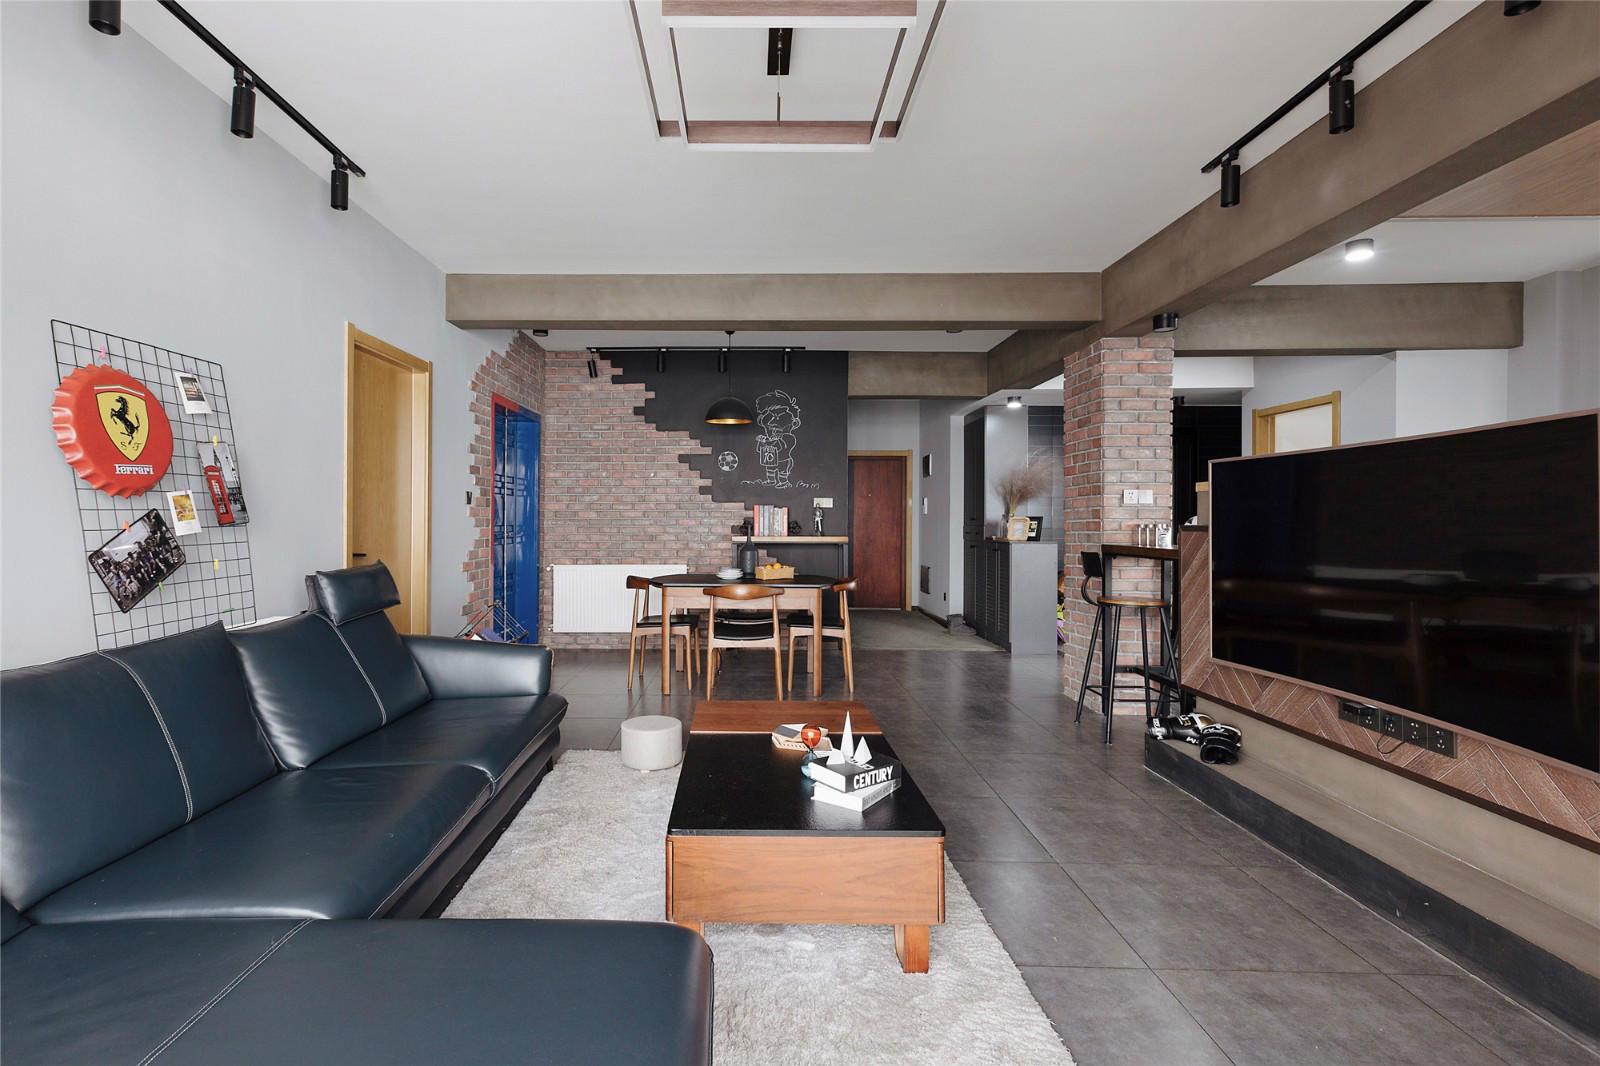 御江樓108㎡復古工業風,半隔斷電視背景墻顯得空間超大!